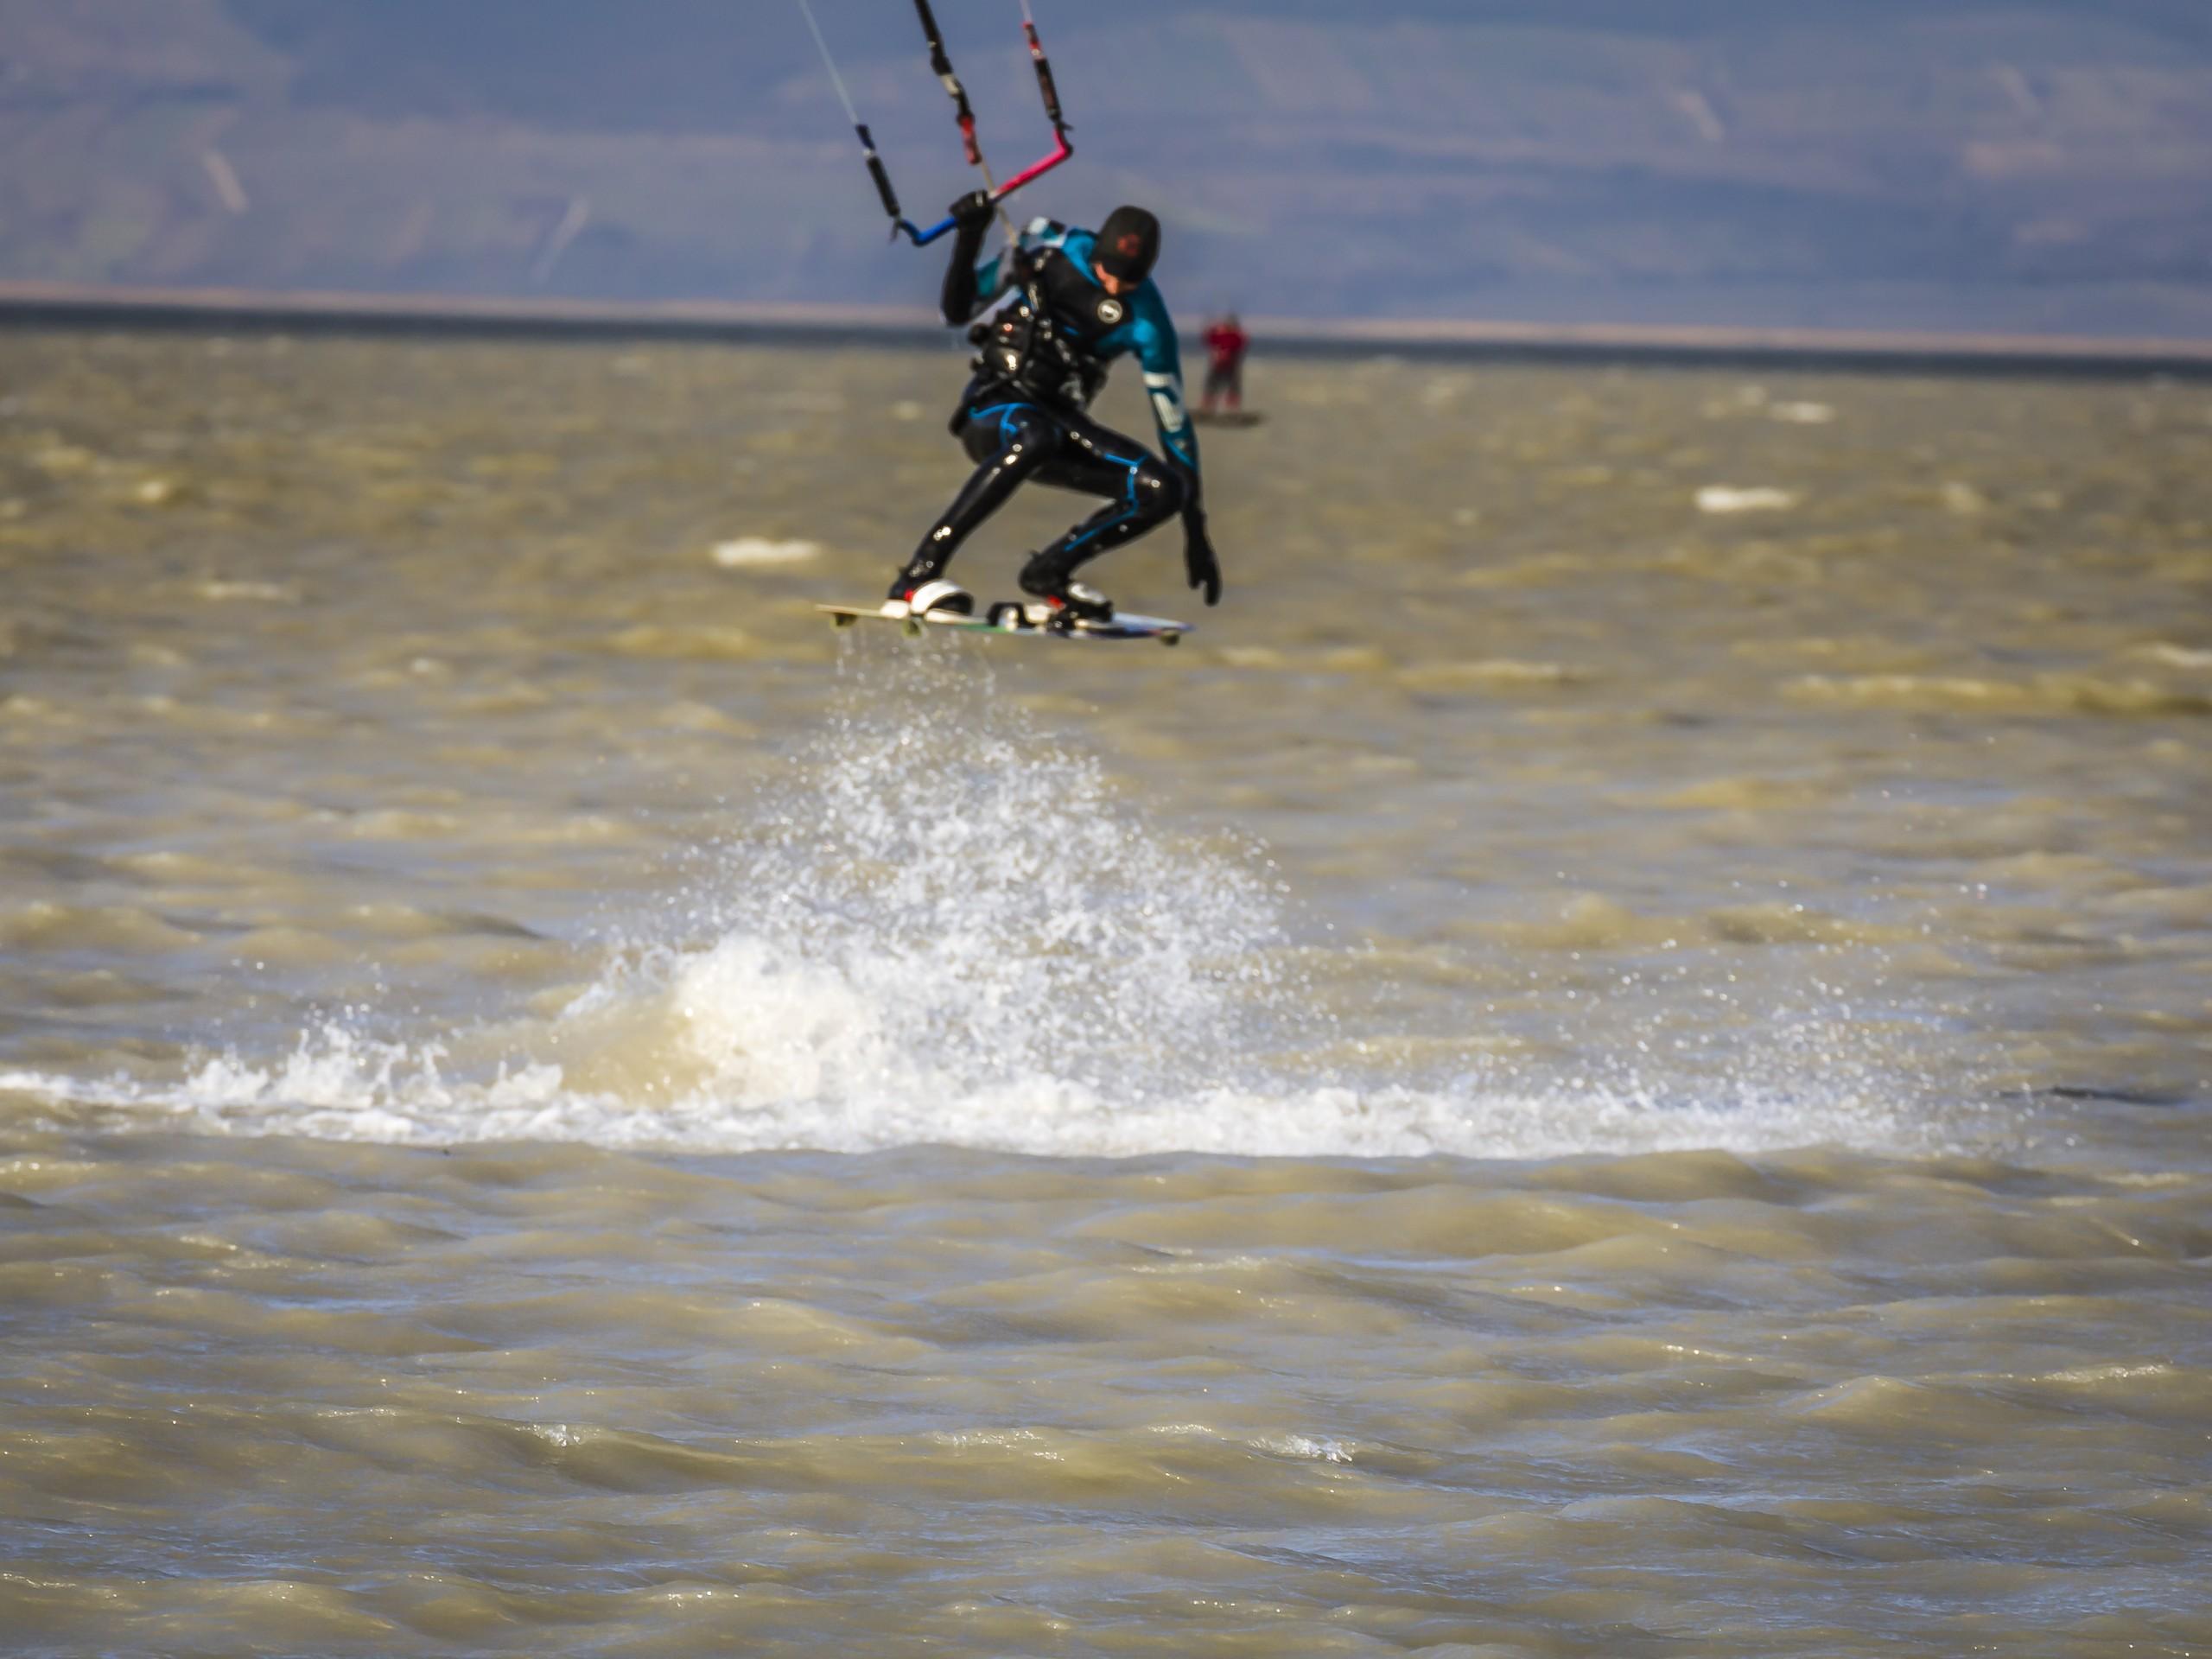 Kitesurfer am Neusiedlersee